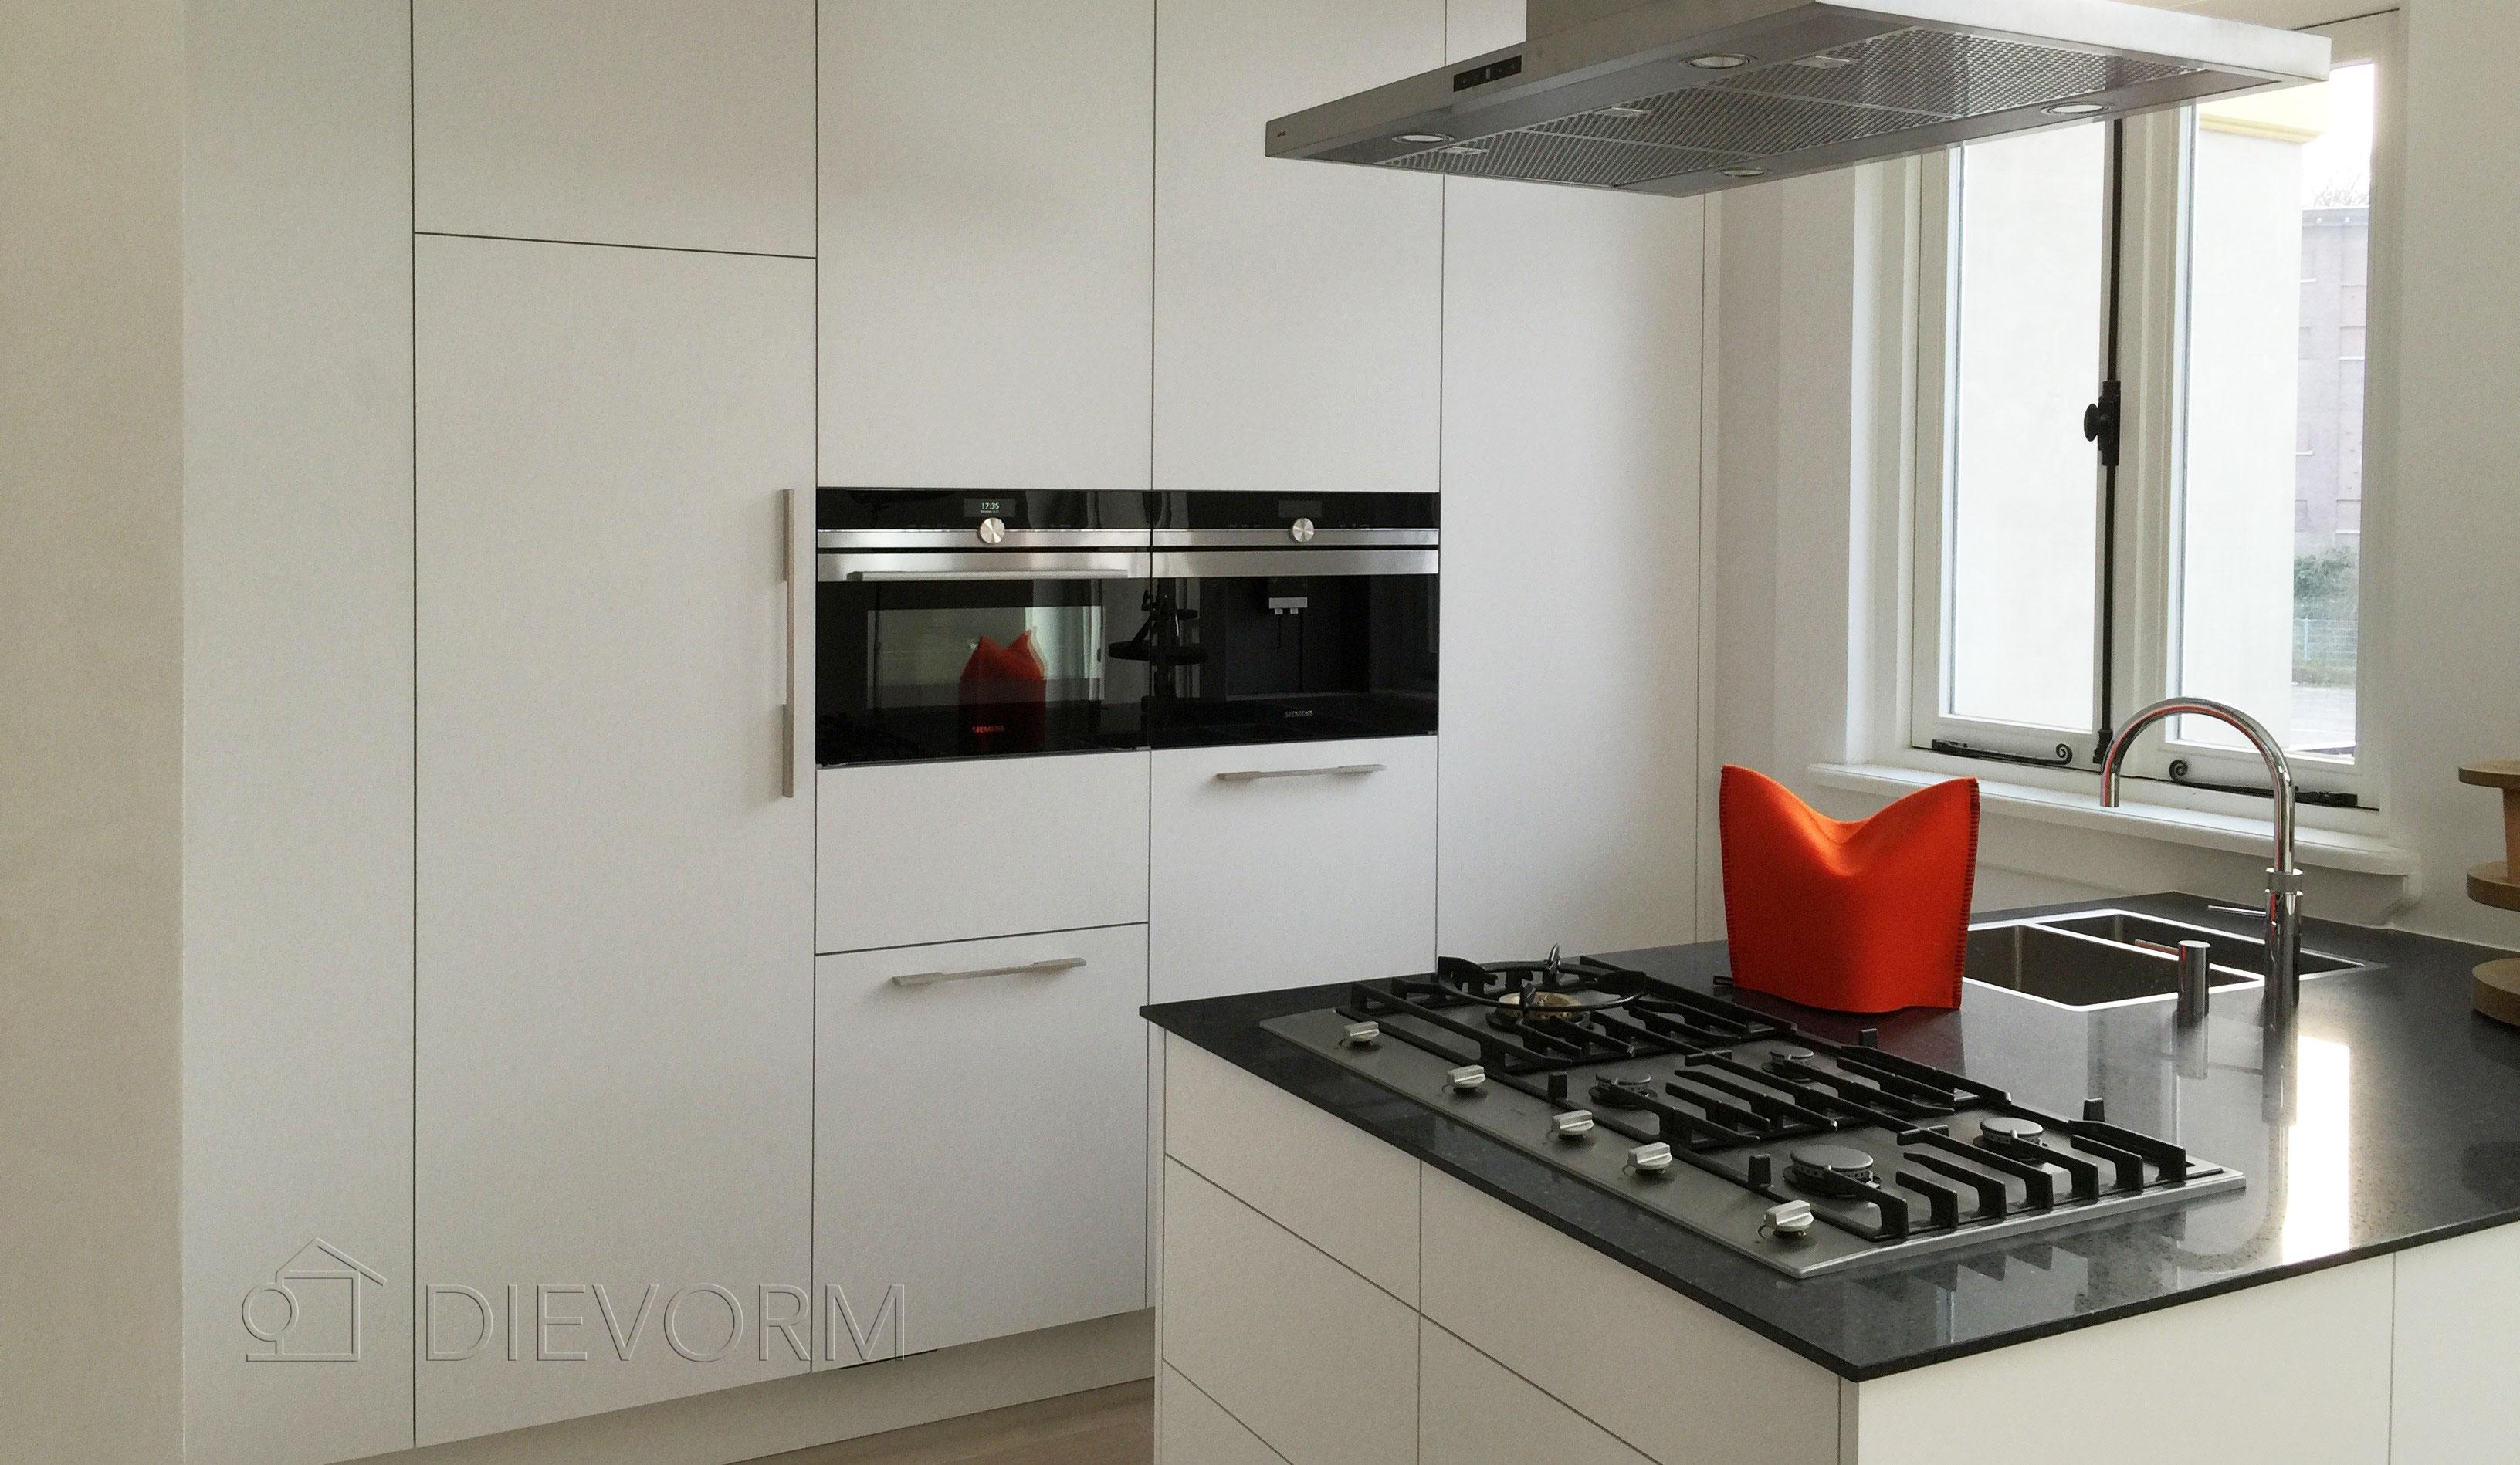 keuken op maat laten maken